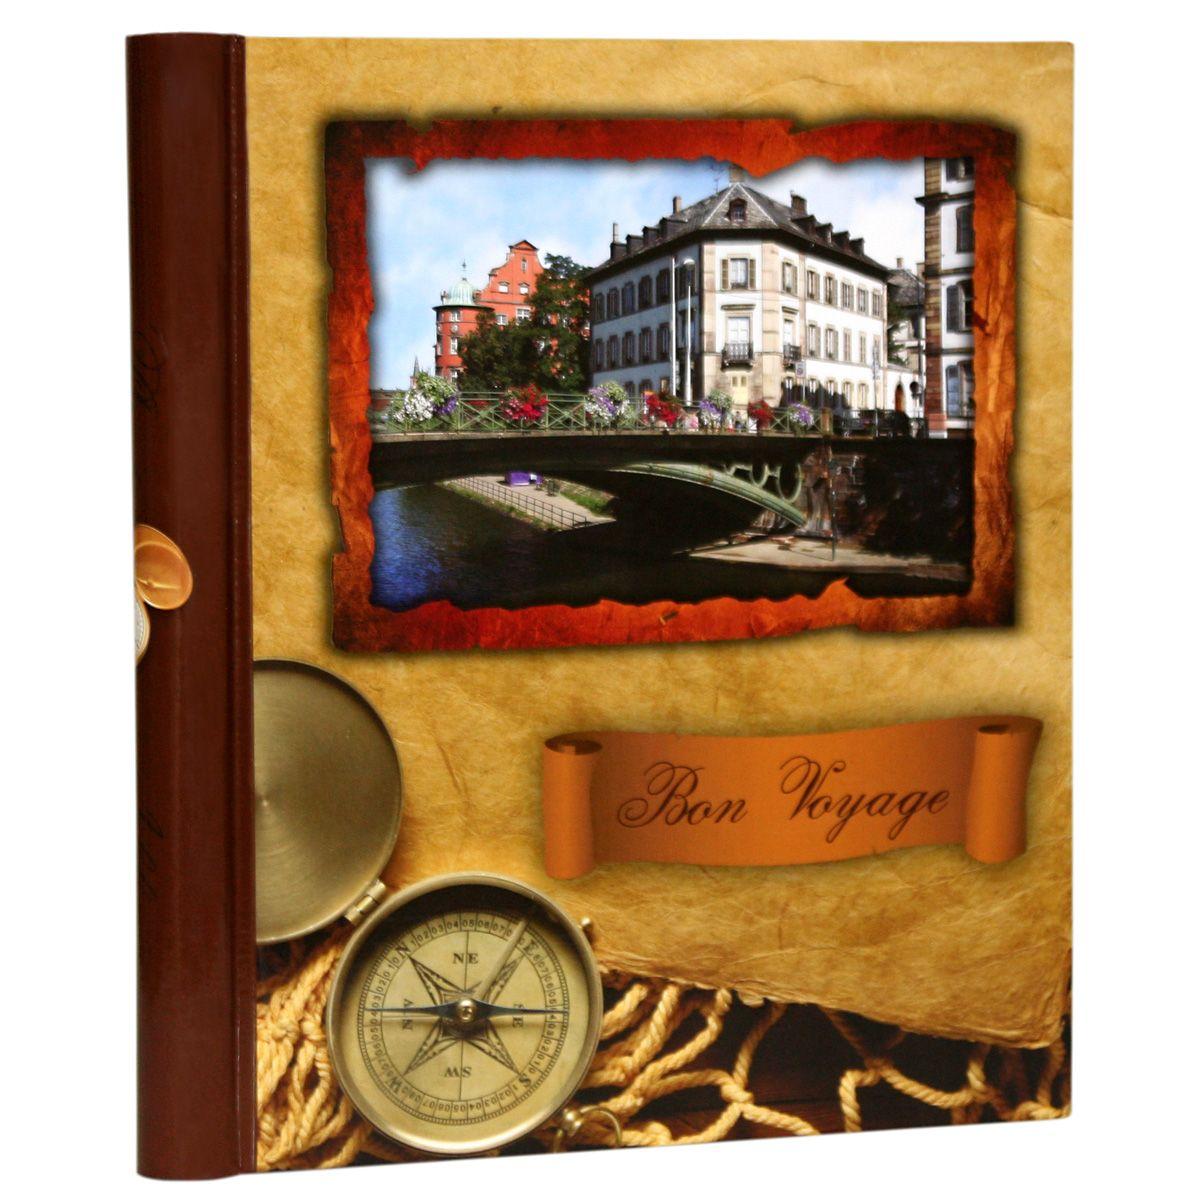 Фотоальбом Pioneer Bon Voyage, 10 магнитных листов, цвет: коричневый, 23 х 28 см46214 AP102328SAФотоальбом Pioneer Bon Voyage позволит вам запечатлеть незабываемые моменты вашей жизни, сохранить свои истории и воспоминания на его страницах. Обложка из толстого картона оформлена оригинальным принтом. Фотоальбом рассчитан на 10 фотографий форматом 23 х 28 см. Такой необычный фотоальбом позволит легко заполнить страницы вашей истории, и с годами ничего не забудется.Тип обложки: Ламинированный картон.Тип листов: магнитные.Тип переплета: спираль.Материалы, использованные в изготовлении альбома, обеспечивают высокое качество хранения ваших фотографий, поэтому фотографии не желтеют со временем.